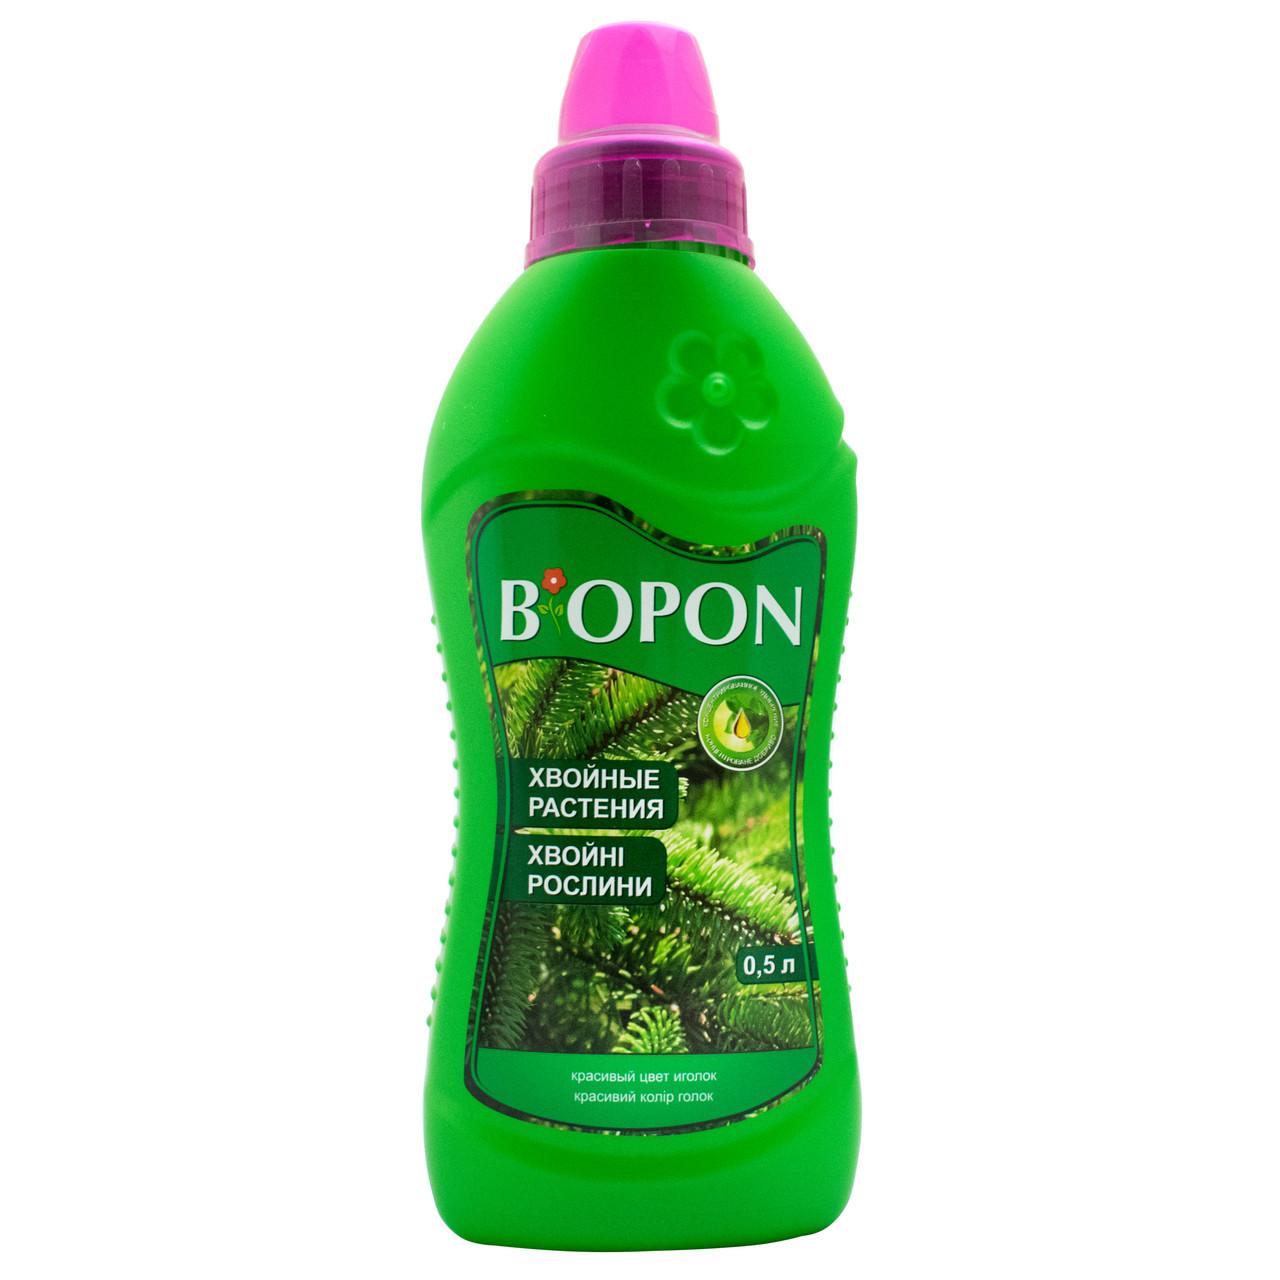 Удобрение Biopon для хвойных растений 500 мл